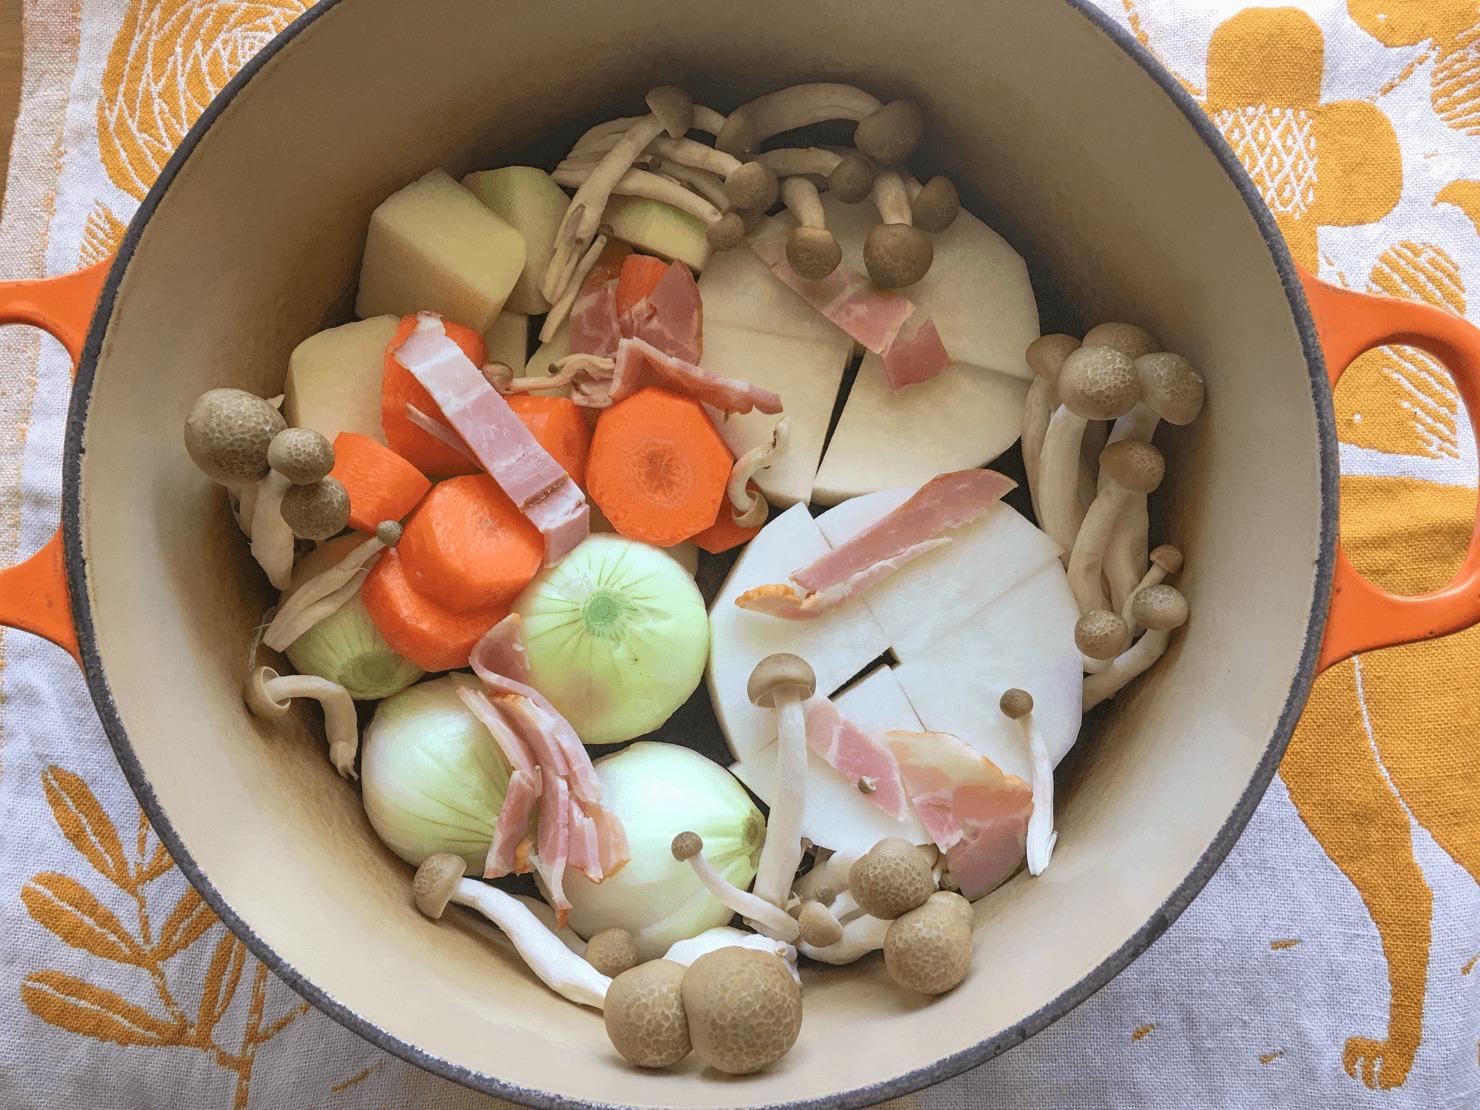 コールラビのポトフの材料を鍋に入れた写真